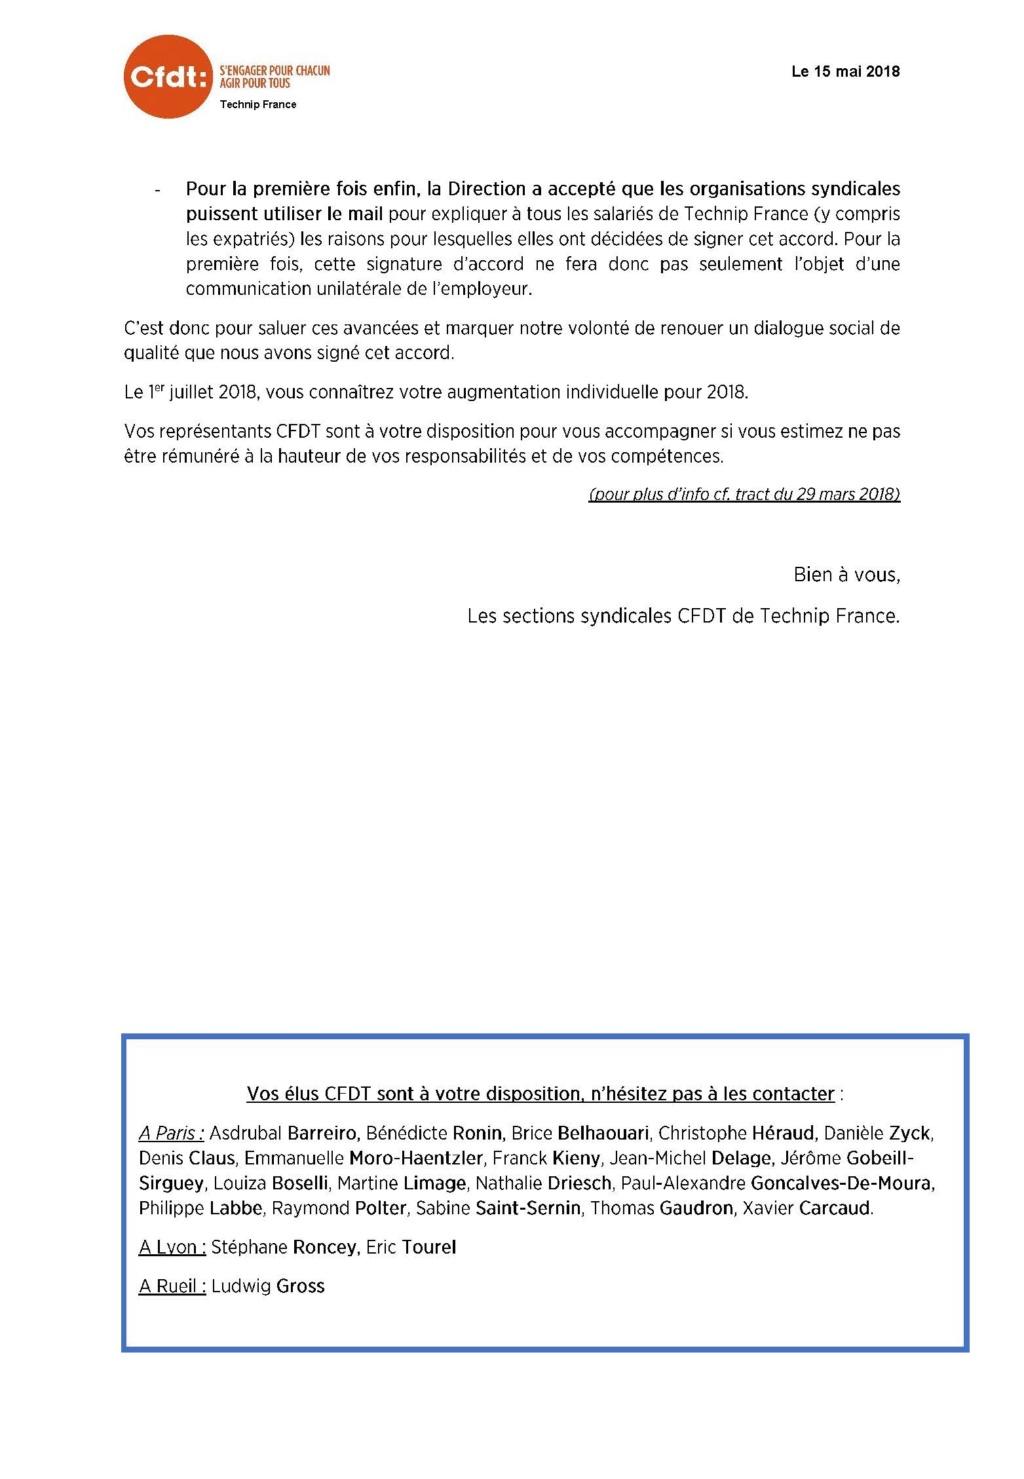 (2018-05-15) - COMMUNICATION SUITE A LA SIGNATURE DE L'ACCORD SUR LES « SALAIRES EFFECTIFS » POUR L'ANNEE 2018 Commun11